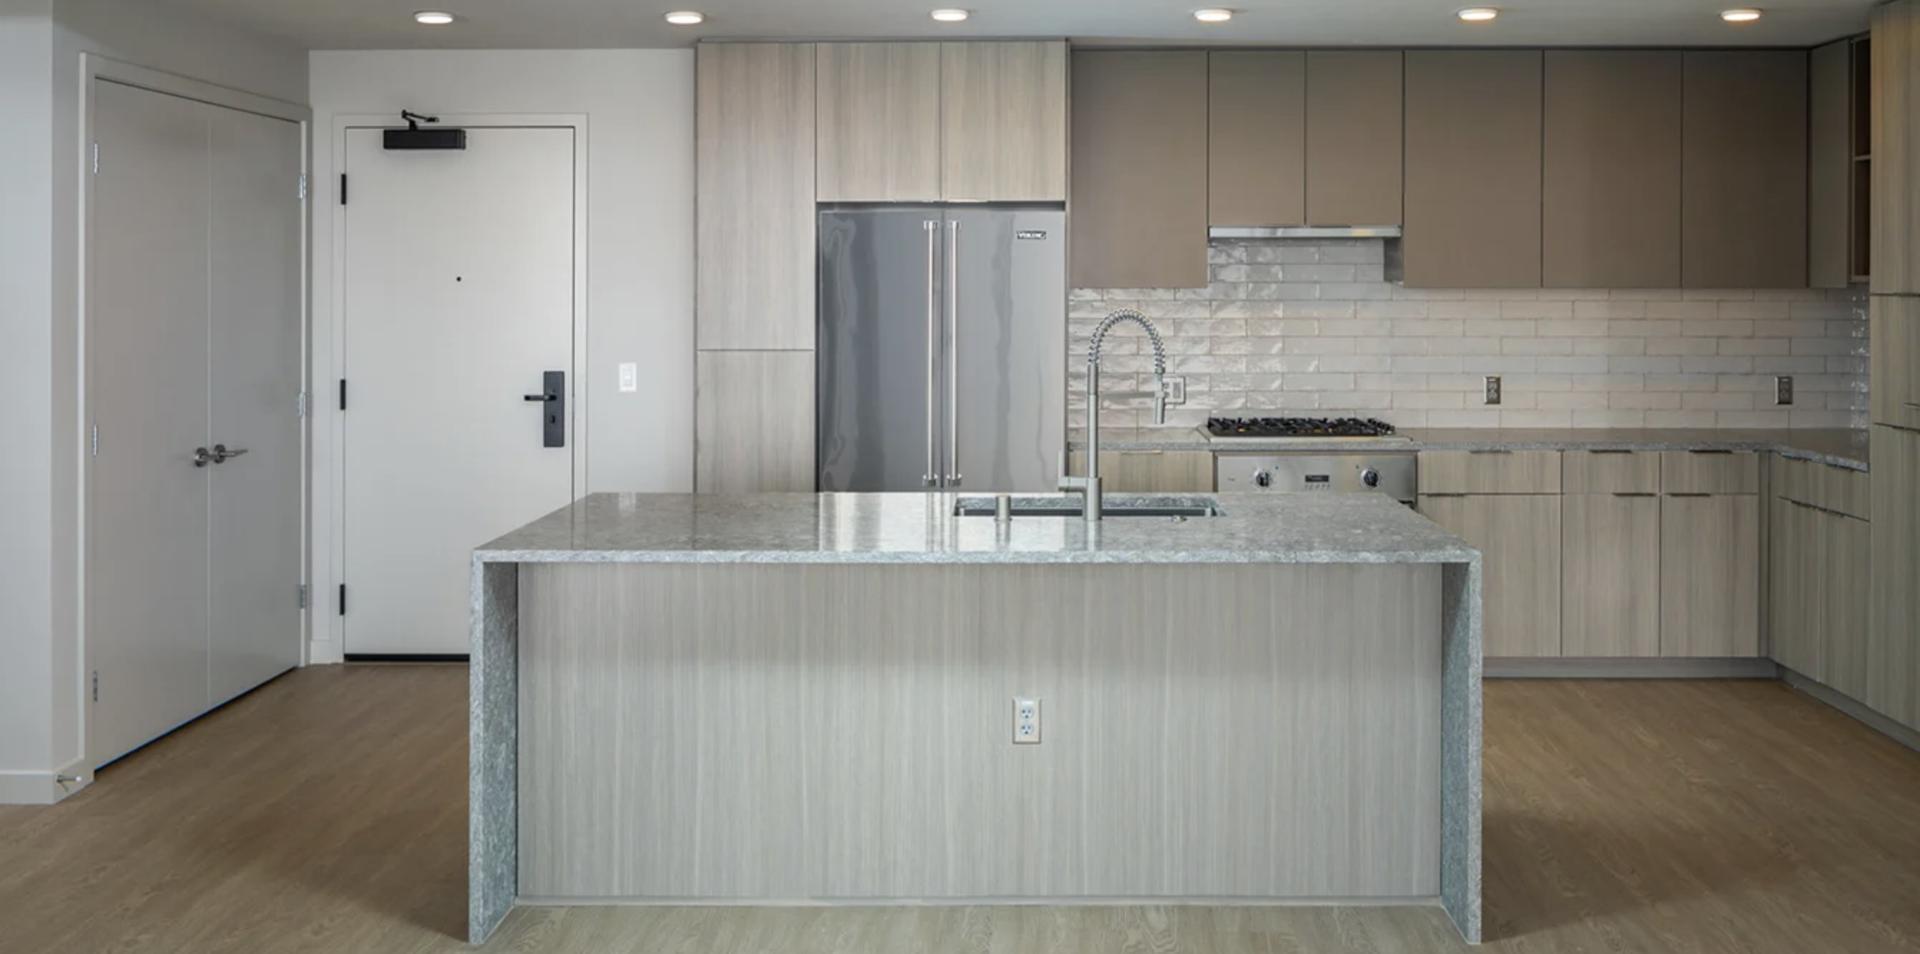 601 11th Avenue #2915, San Diego, CA - $4,975 USD/ month